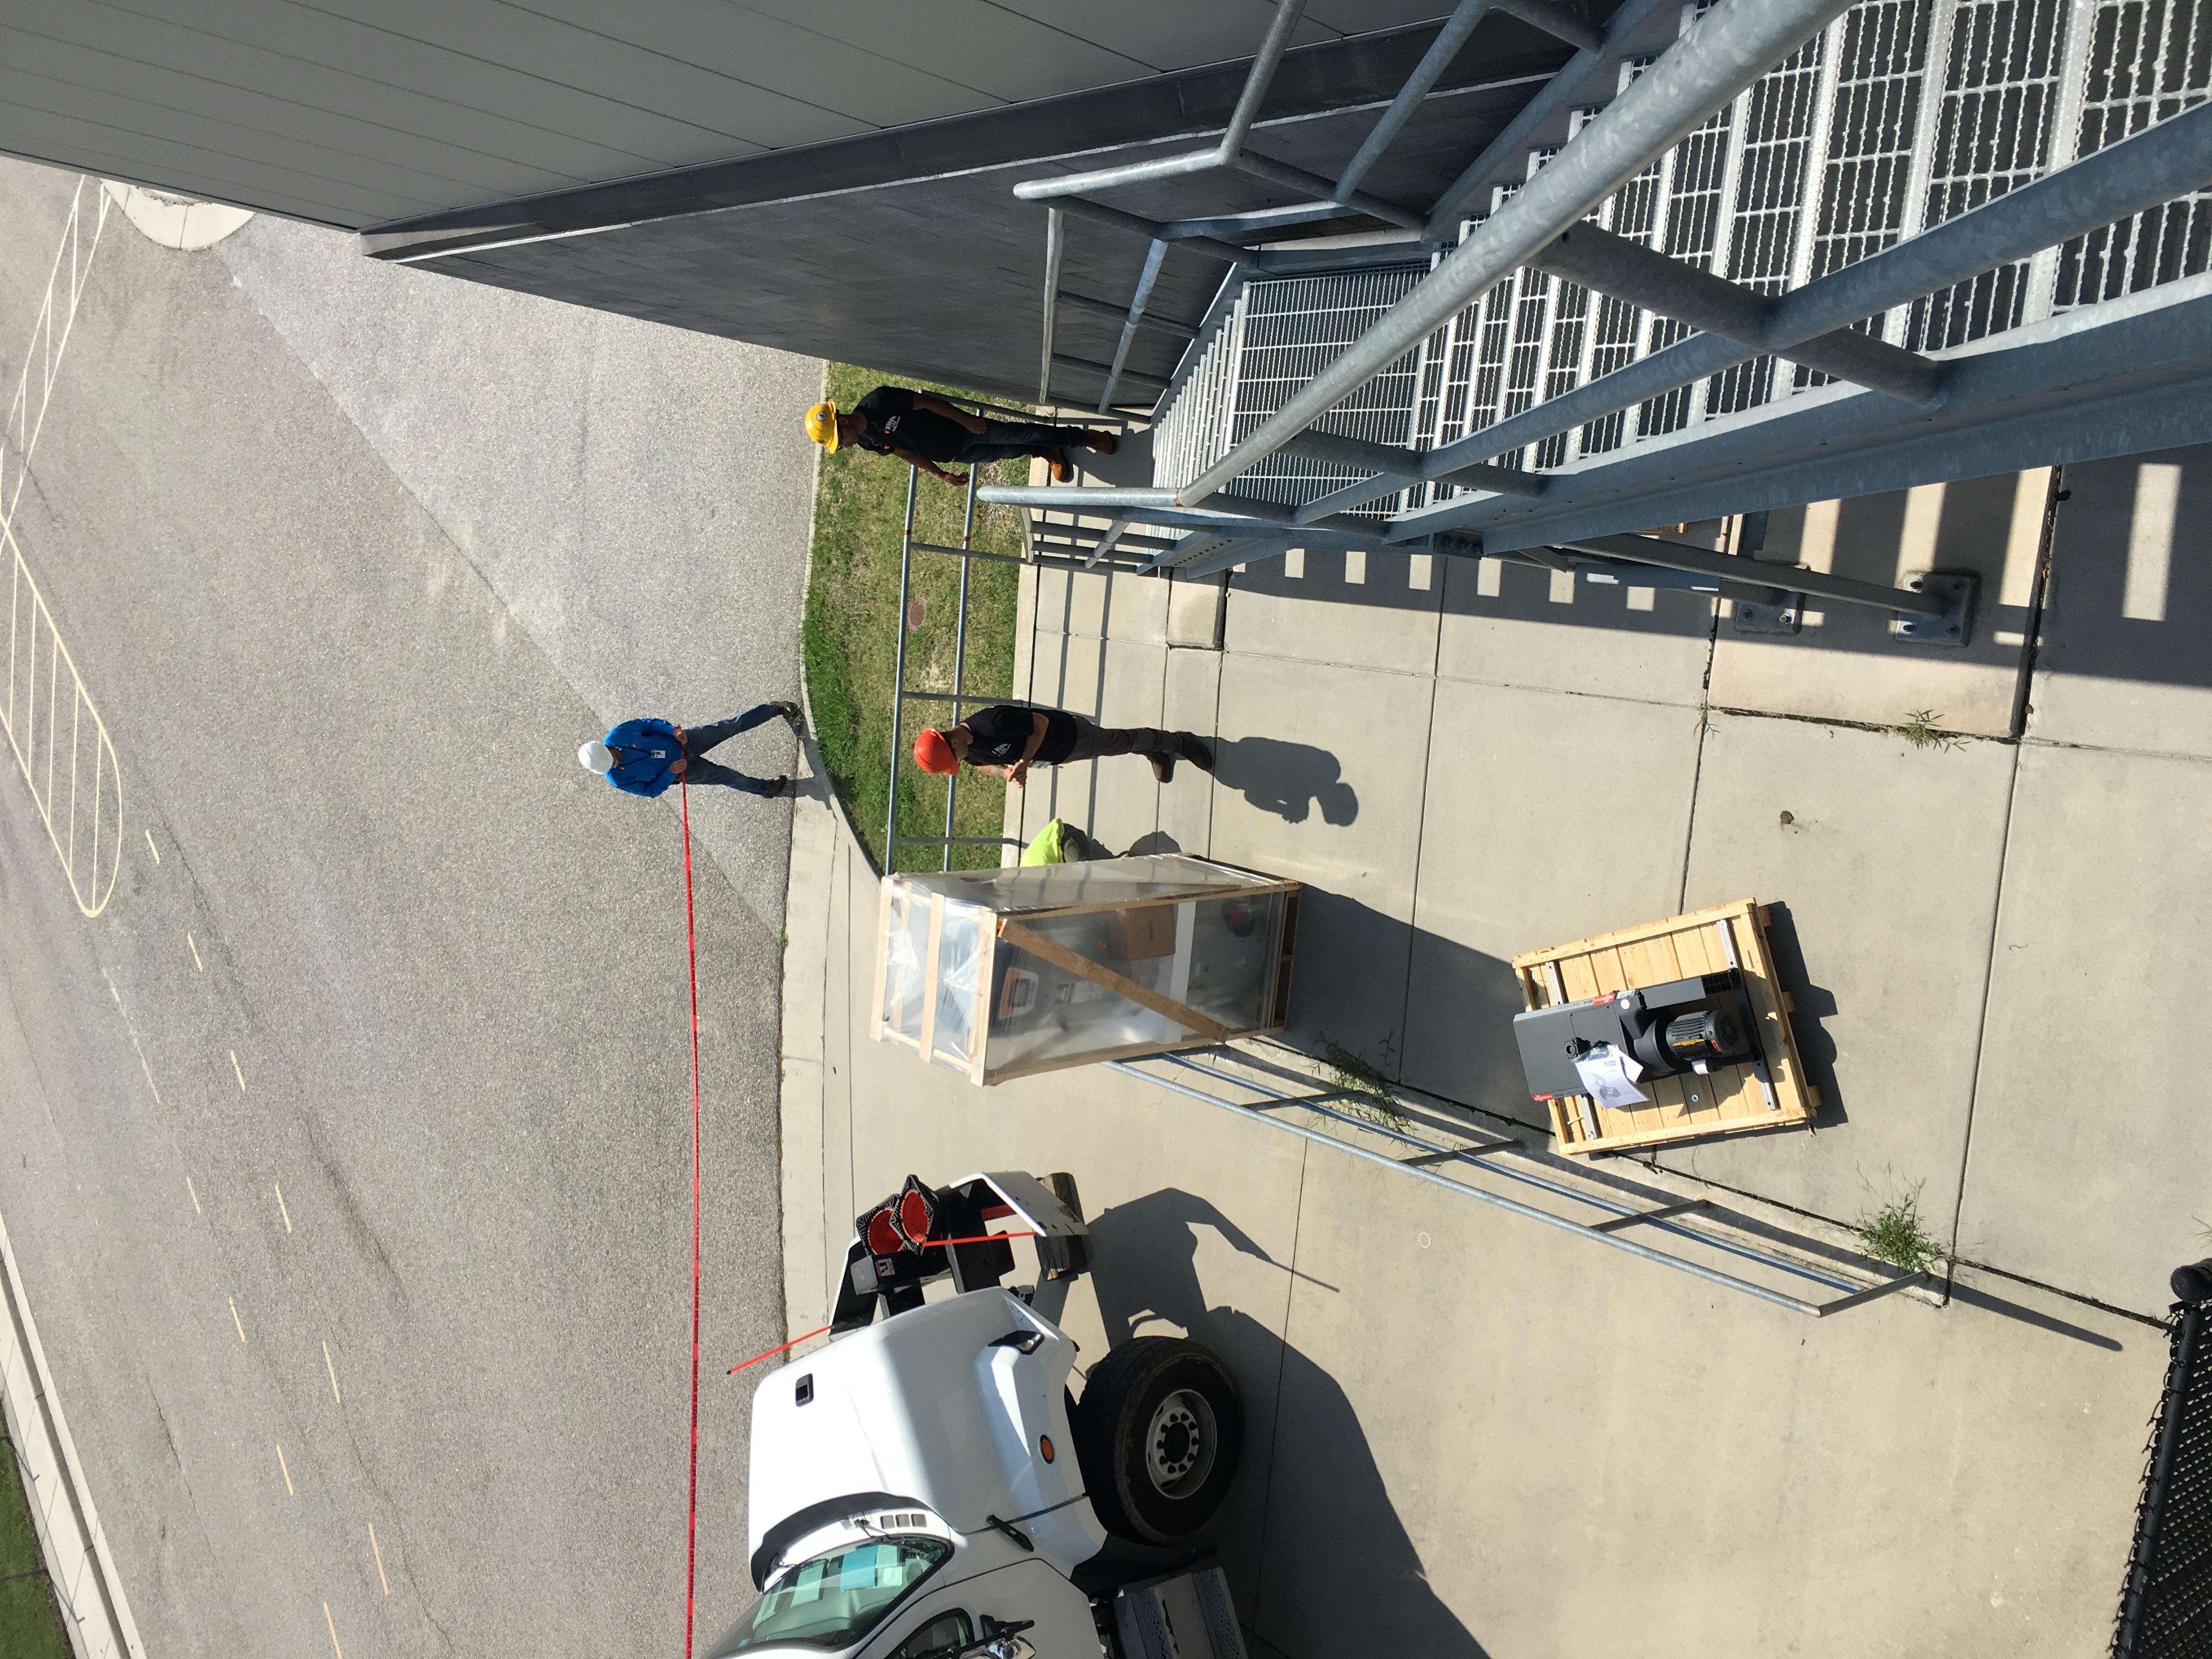 Using crane to lift water heater